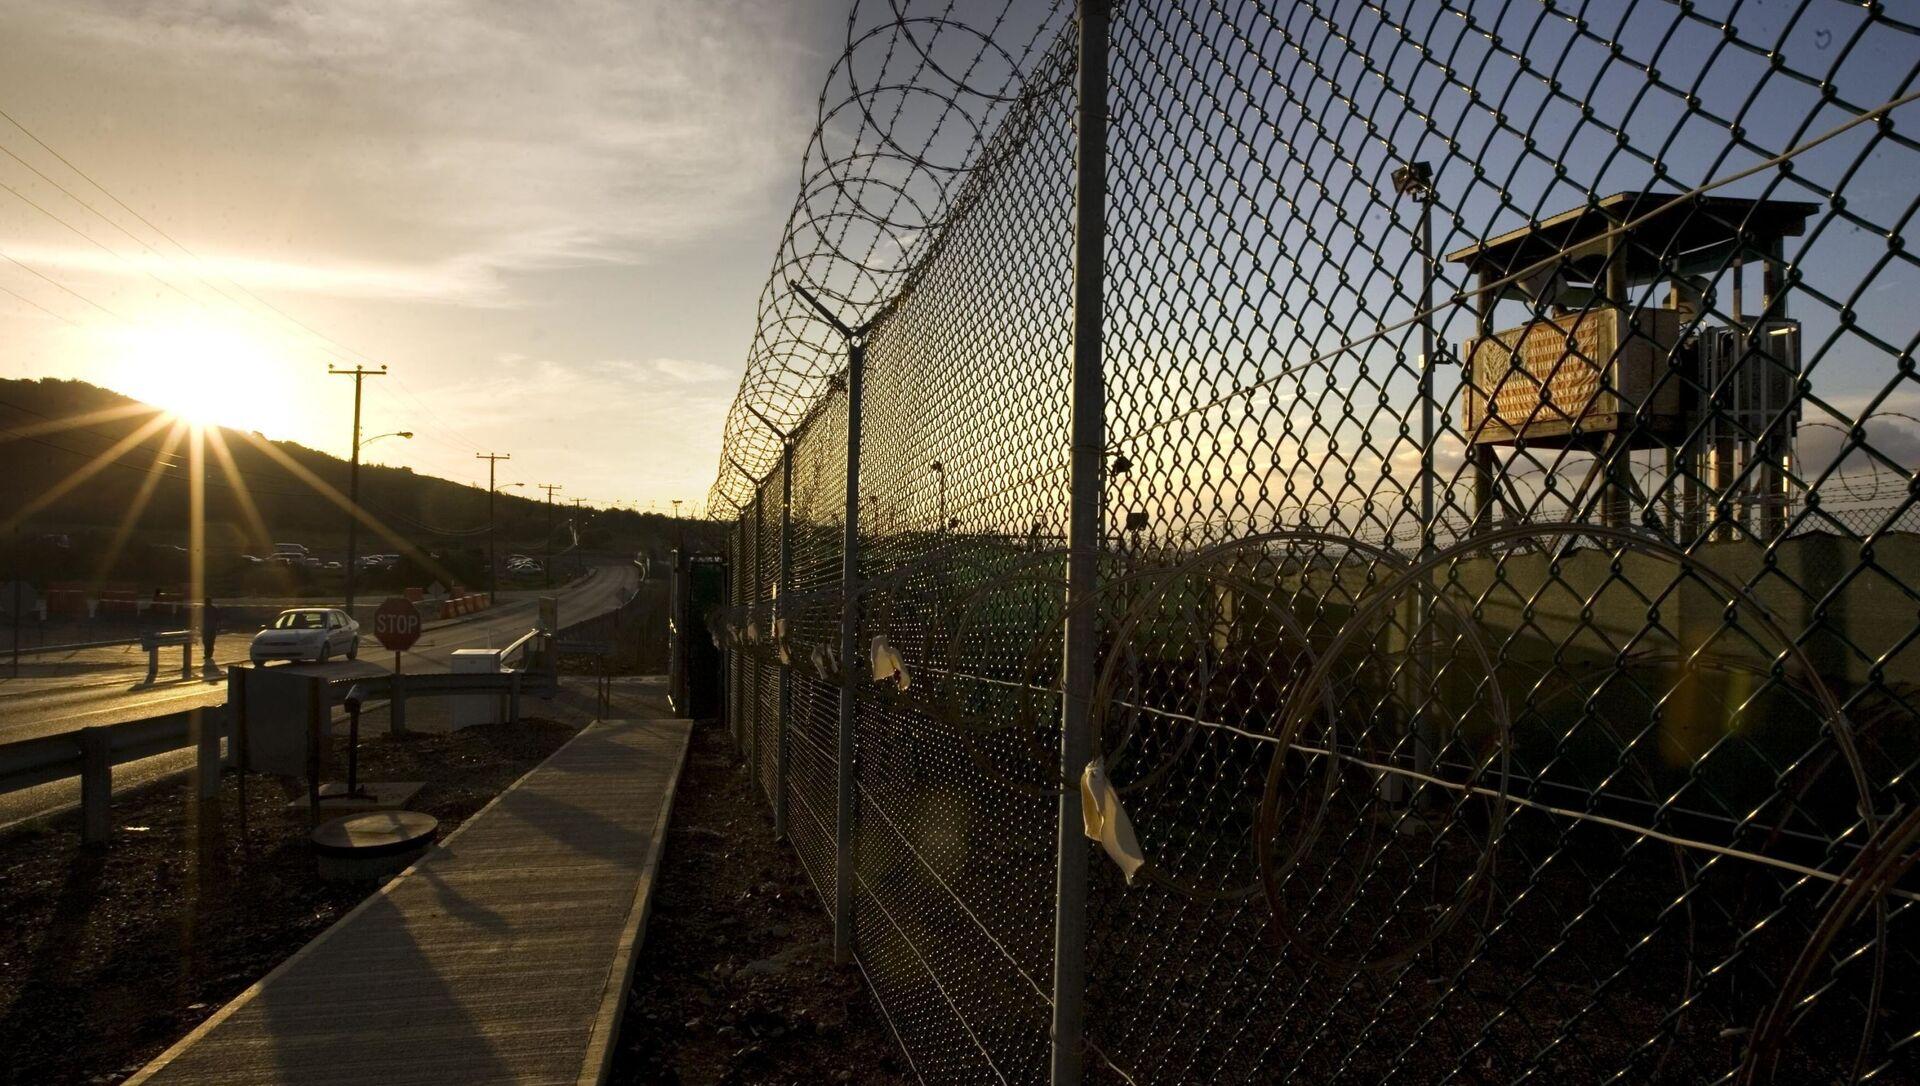 Ogrodzenie wokół obozu Delta na terytorium Guantanamo - Sputnik Polska, 1920, 05.04.2021